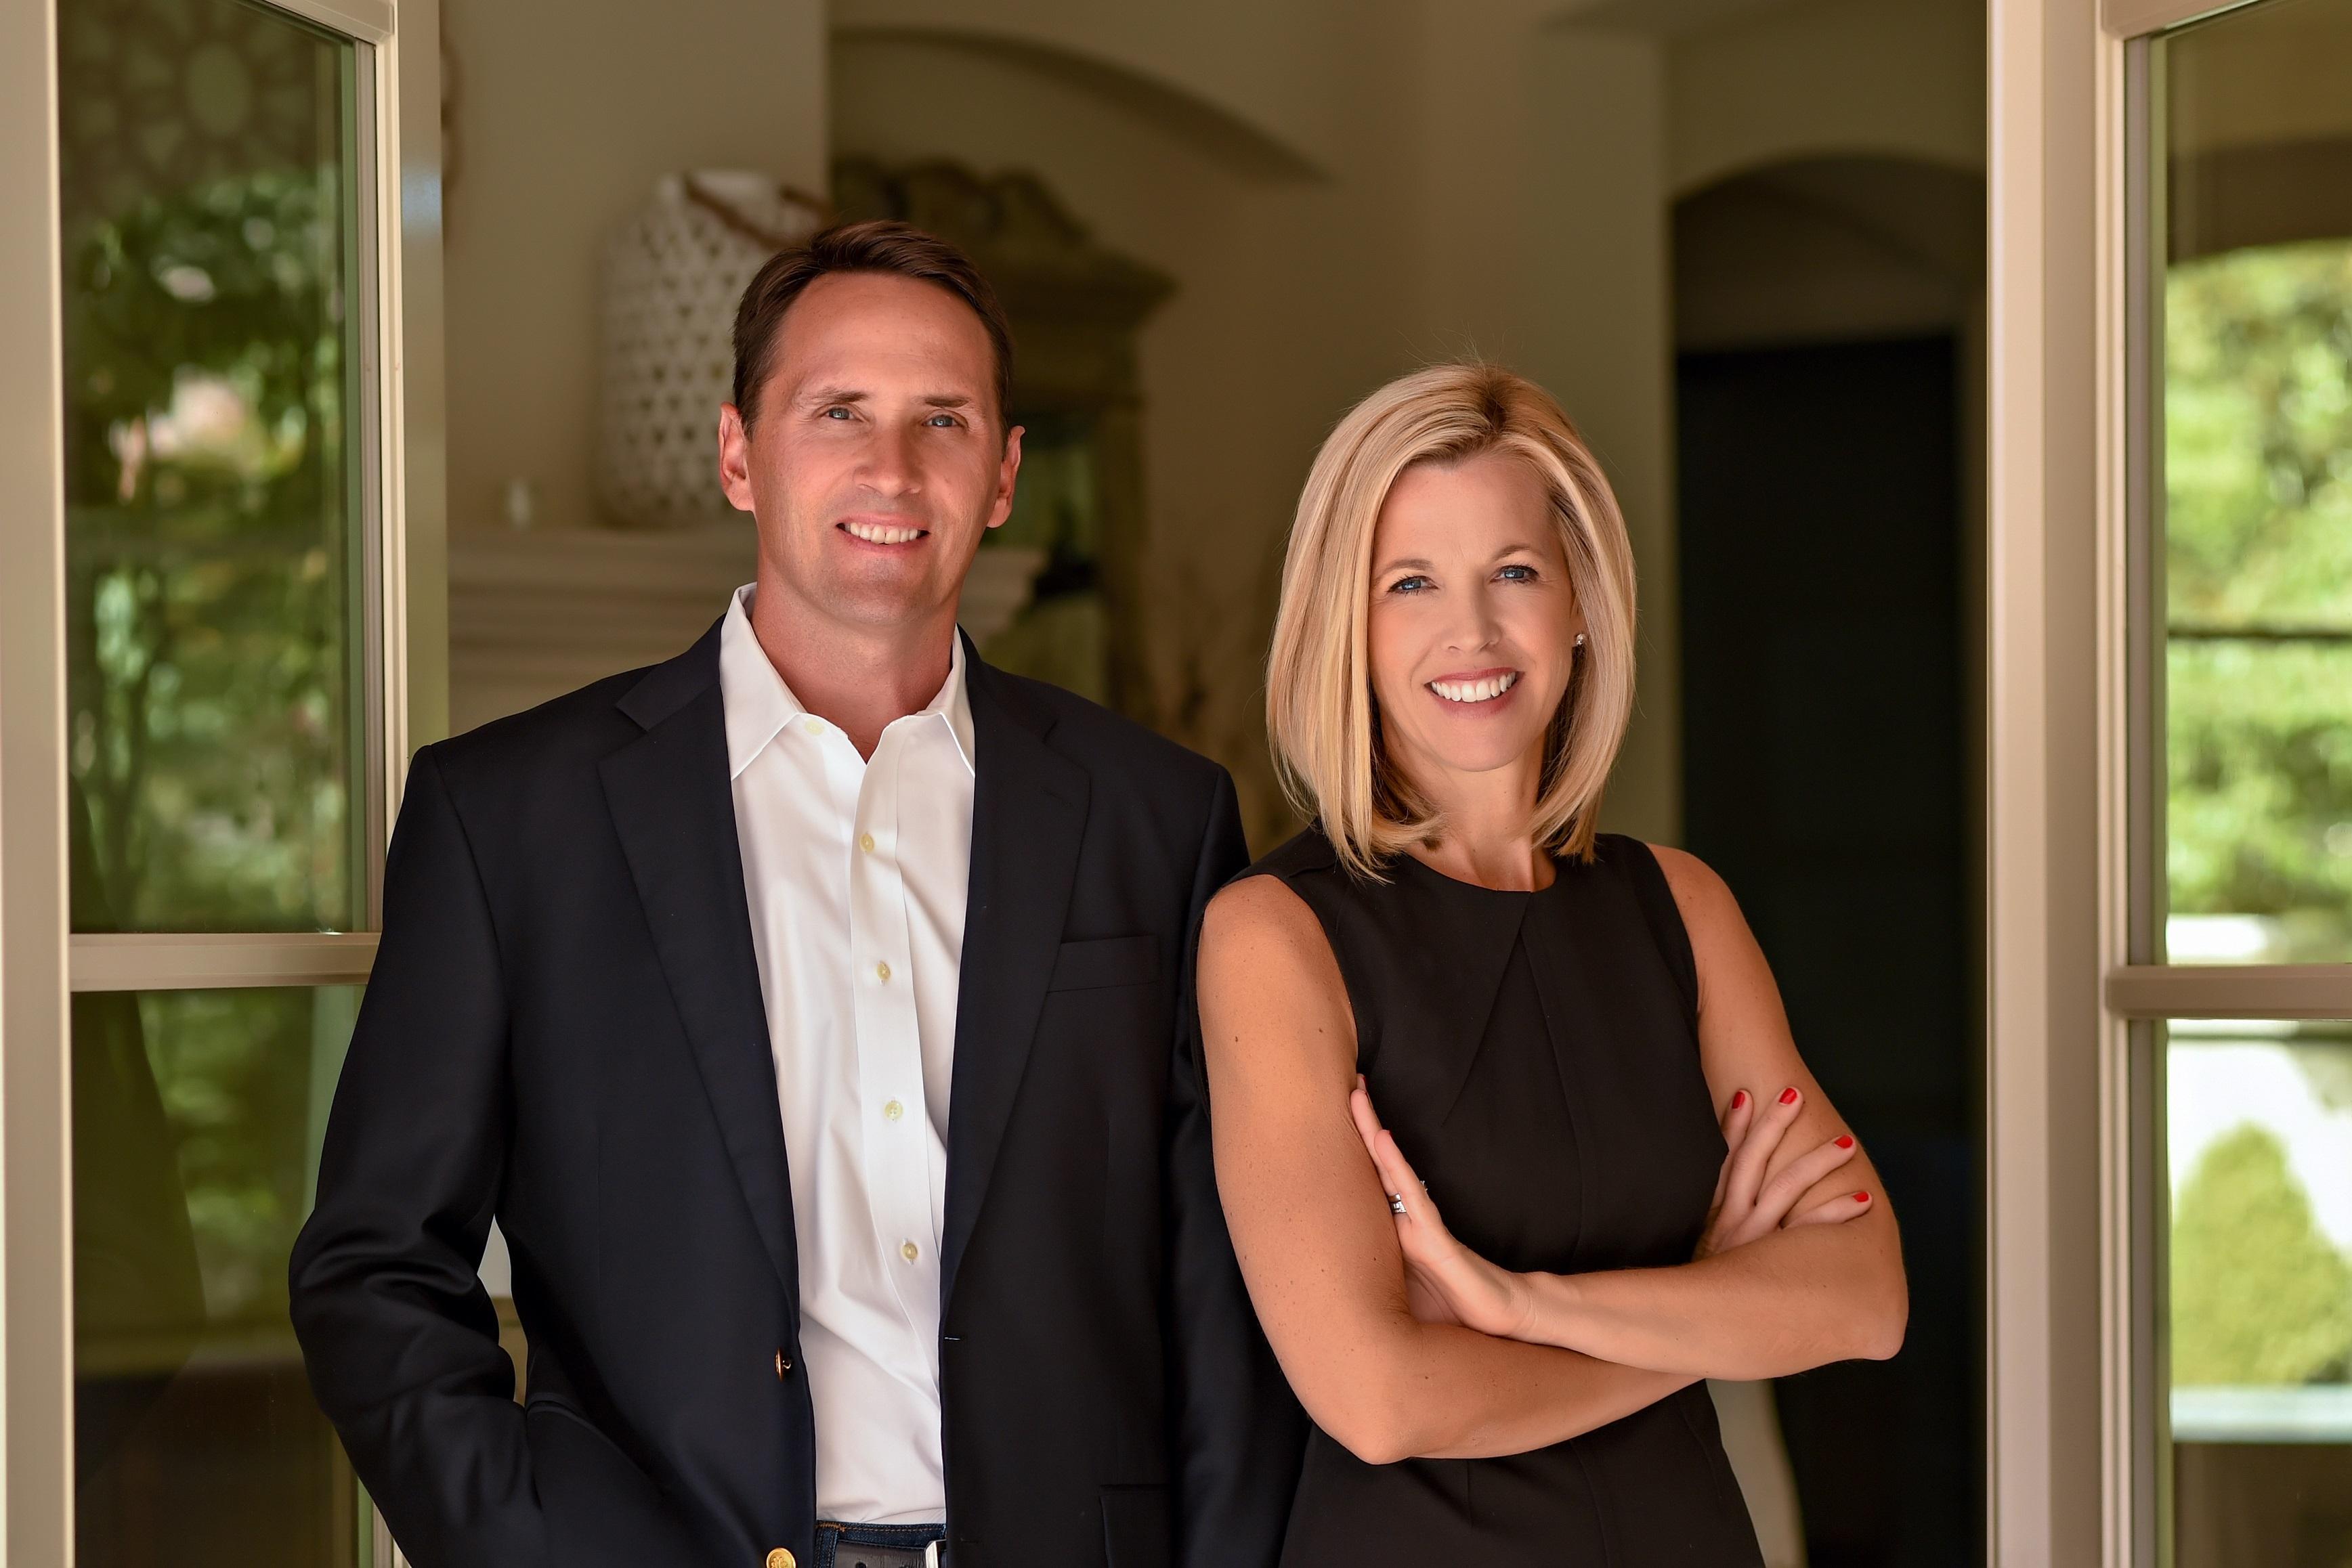 Tierney Real Estate Group | 3907 Park Dr Ste 220, El Dorado Hills, CA, 95762 | +1 (916) 524-2238